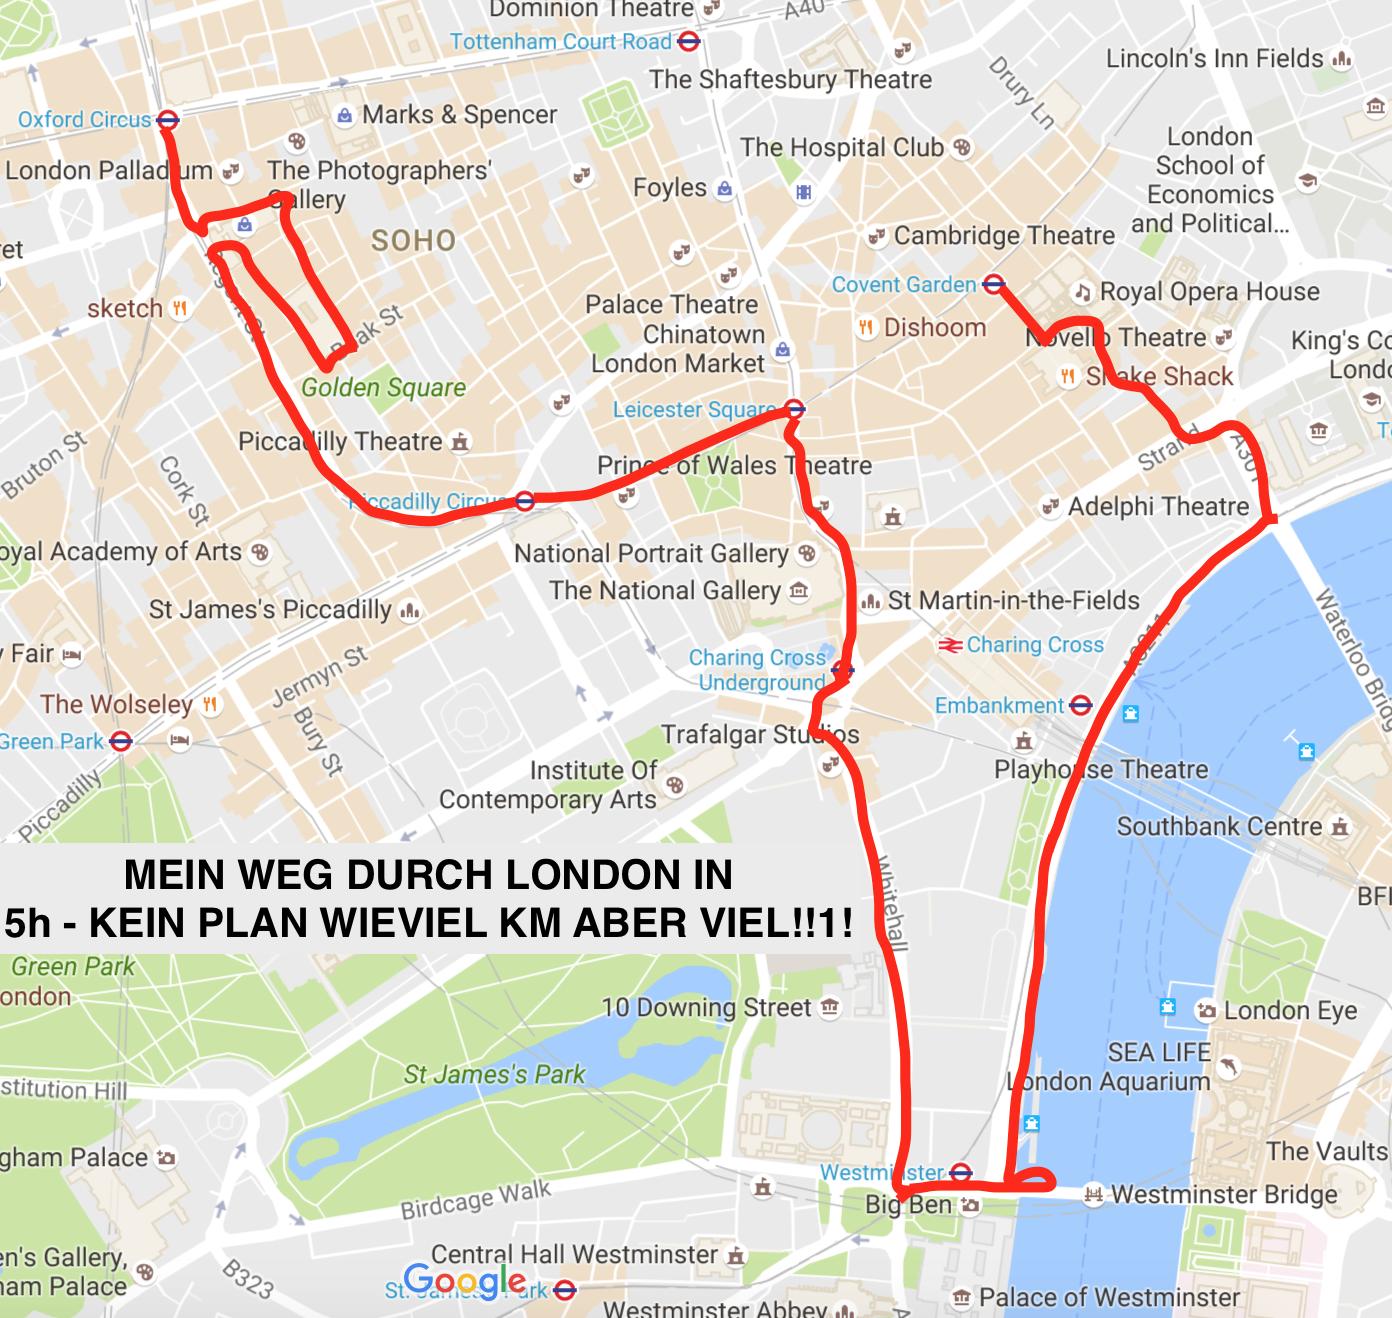 Mein (weiter) Weg durch London in 5 Stunden